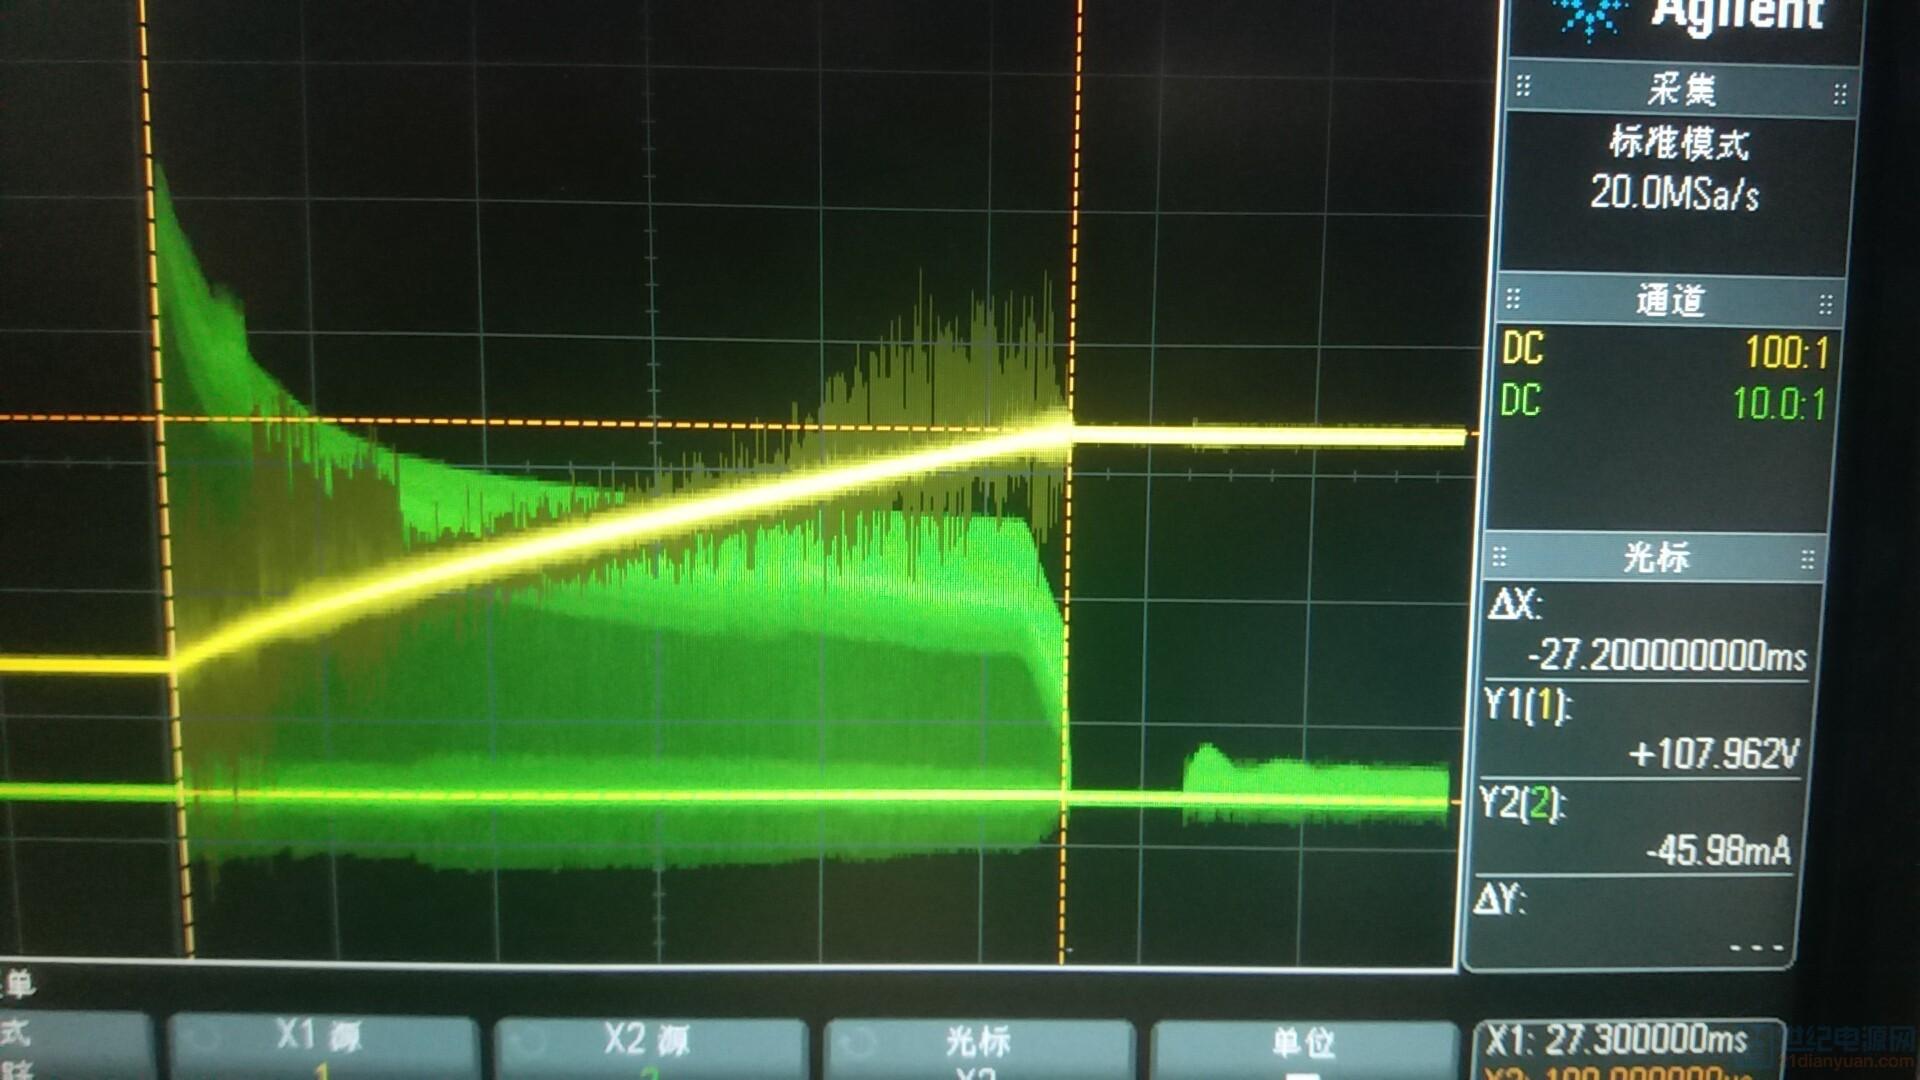 黄色是输出电压,绿色是次级电感电流波形